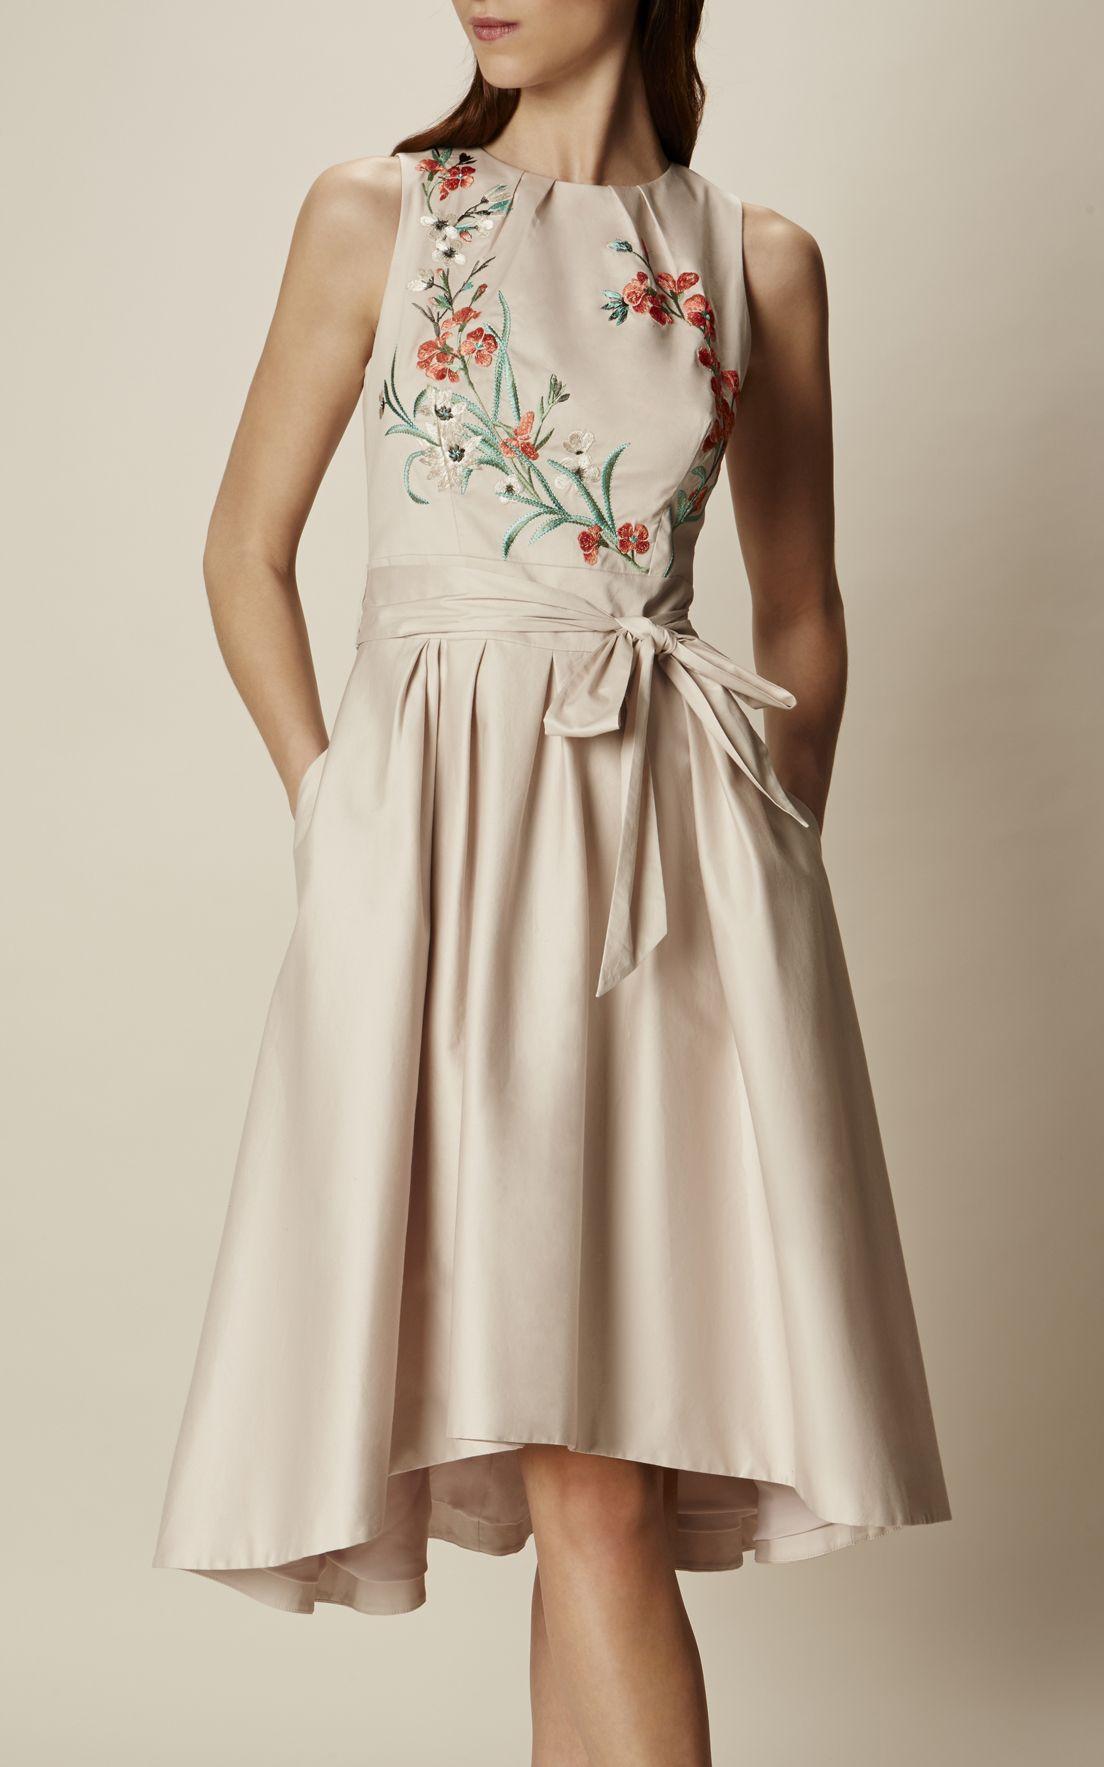 Karen Millen, Besticktes Kleid mit weitem Rock Blassrosa (mit